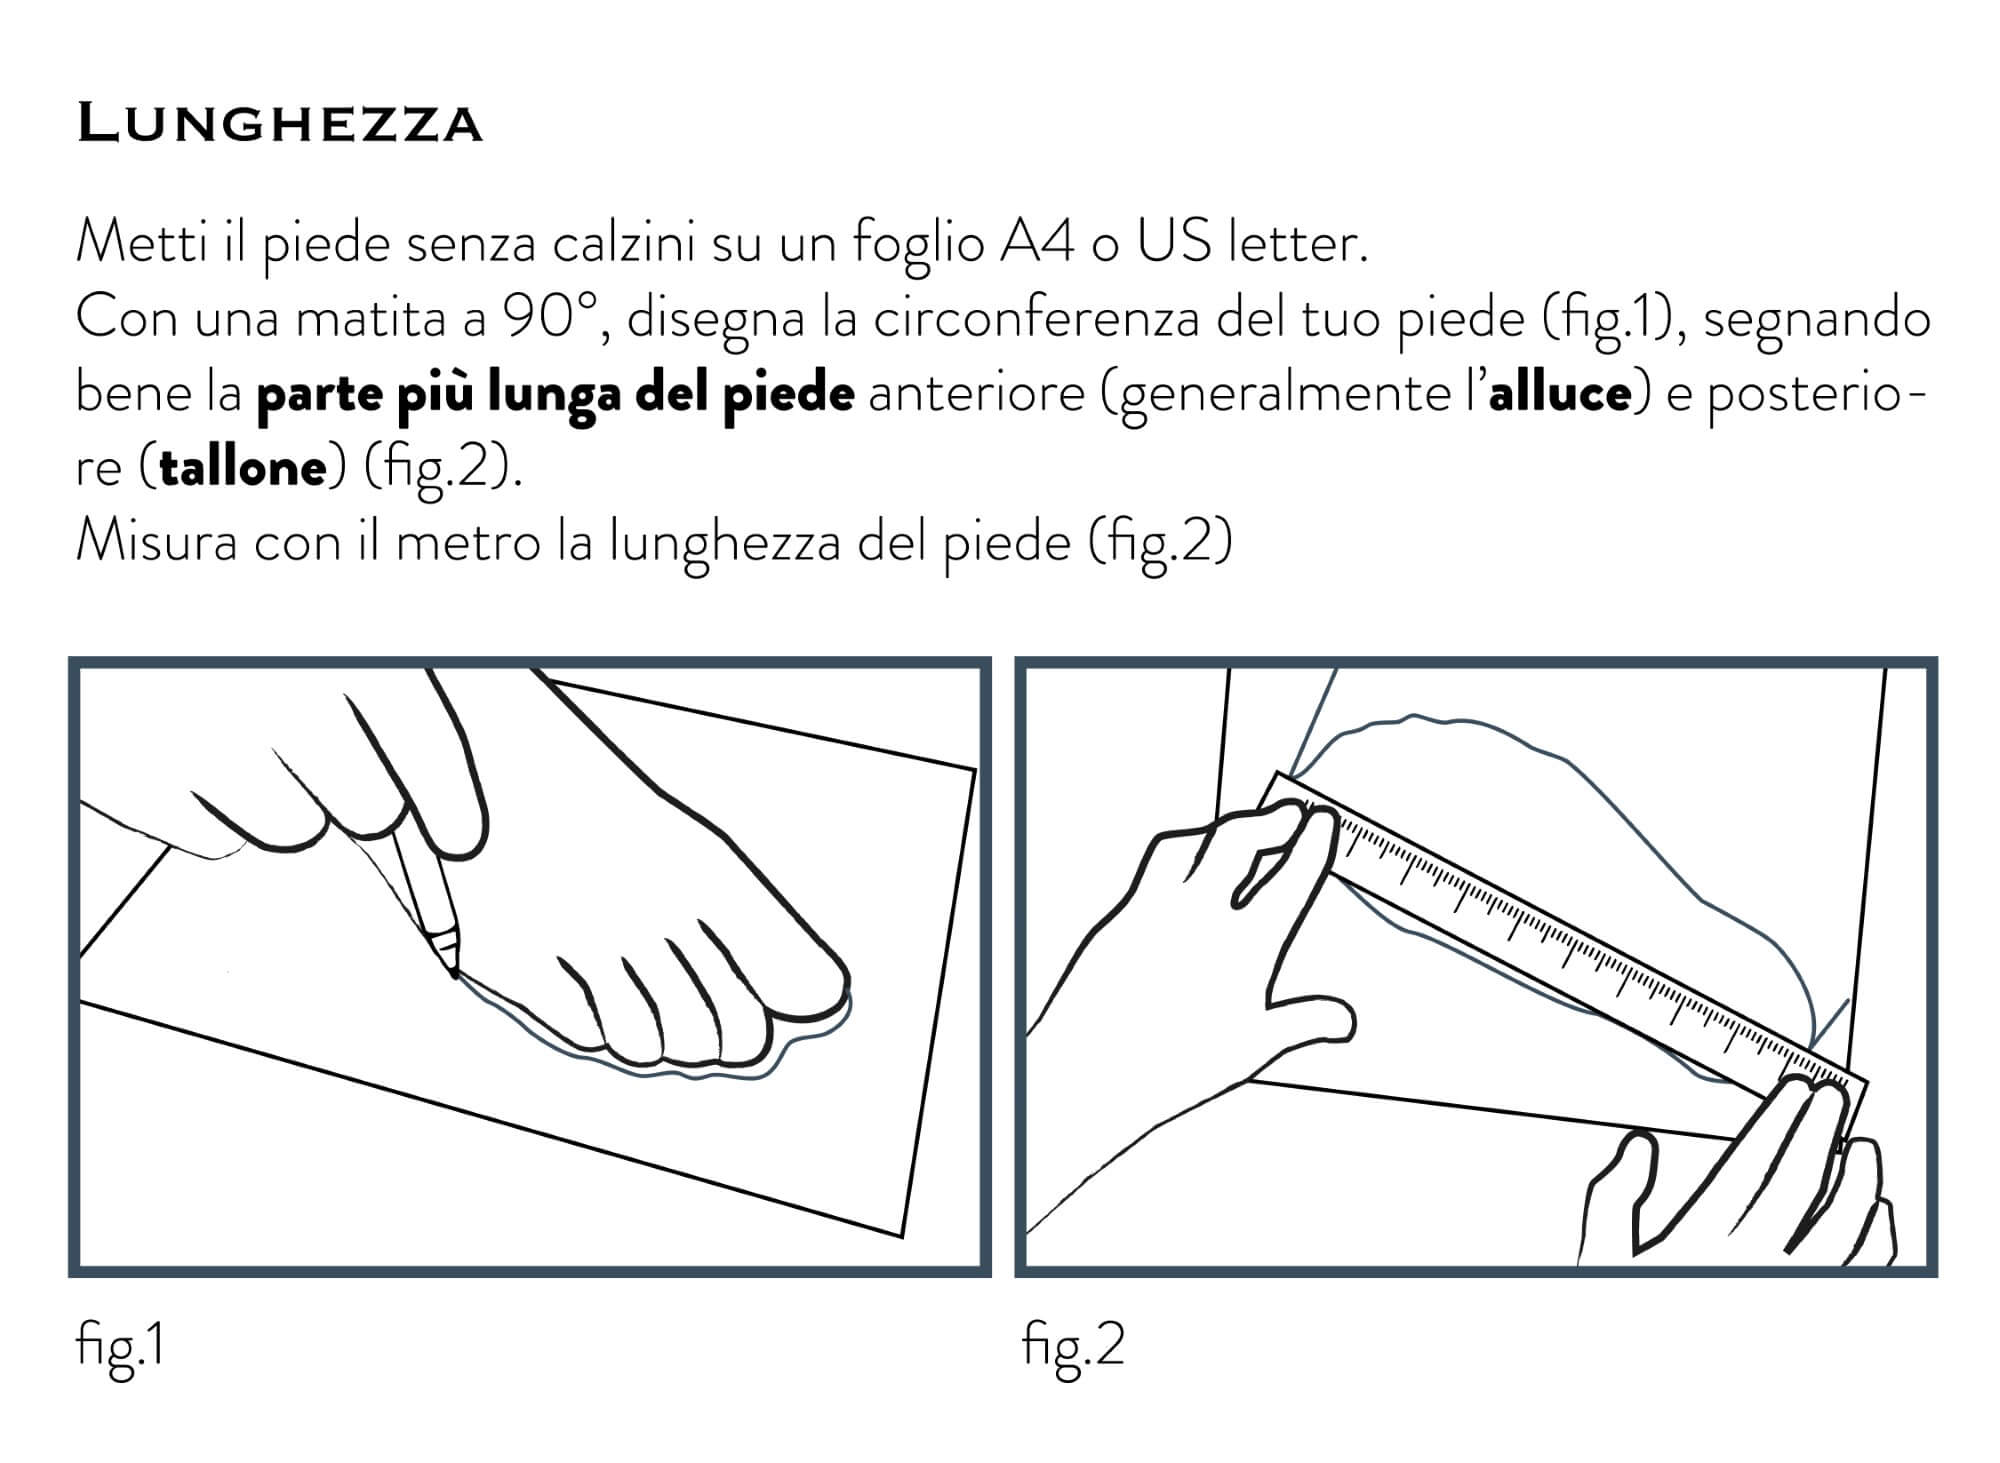 Procedimento misurazione. Metti il piede senza calzini su un foglio A4. Appoggiare il piede sul foglio e disegnarne la circonferenza. Misurare la lunghezza del piede.